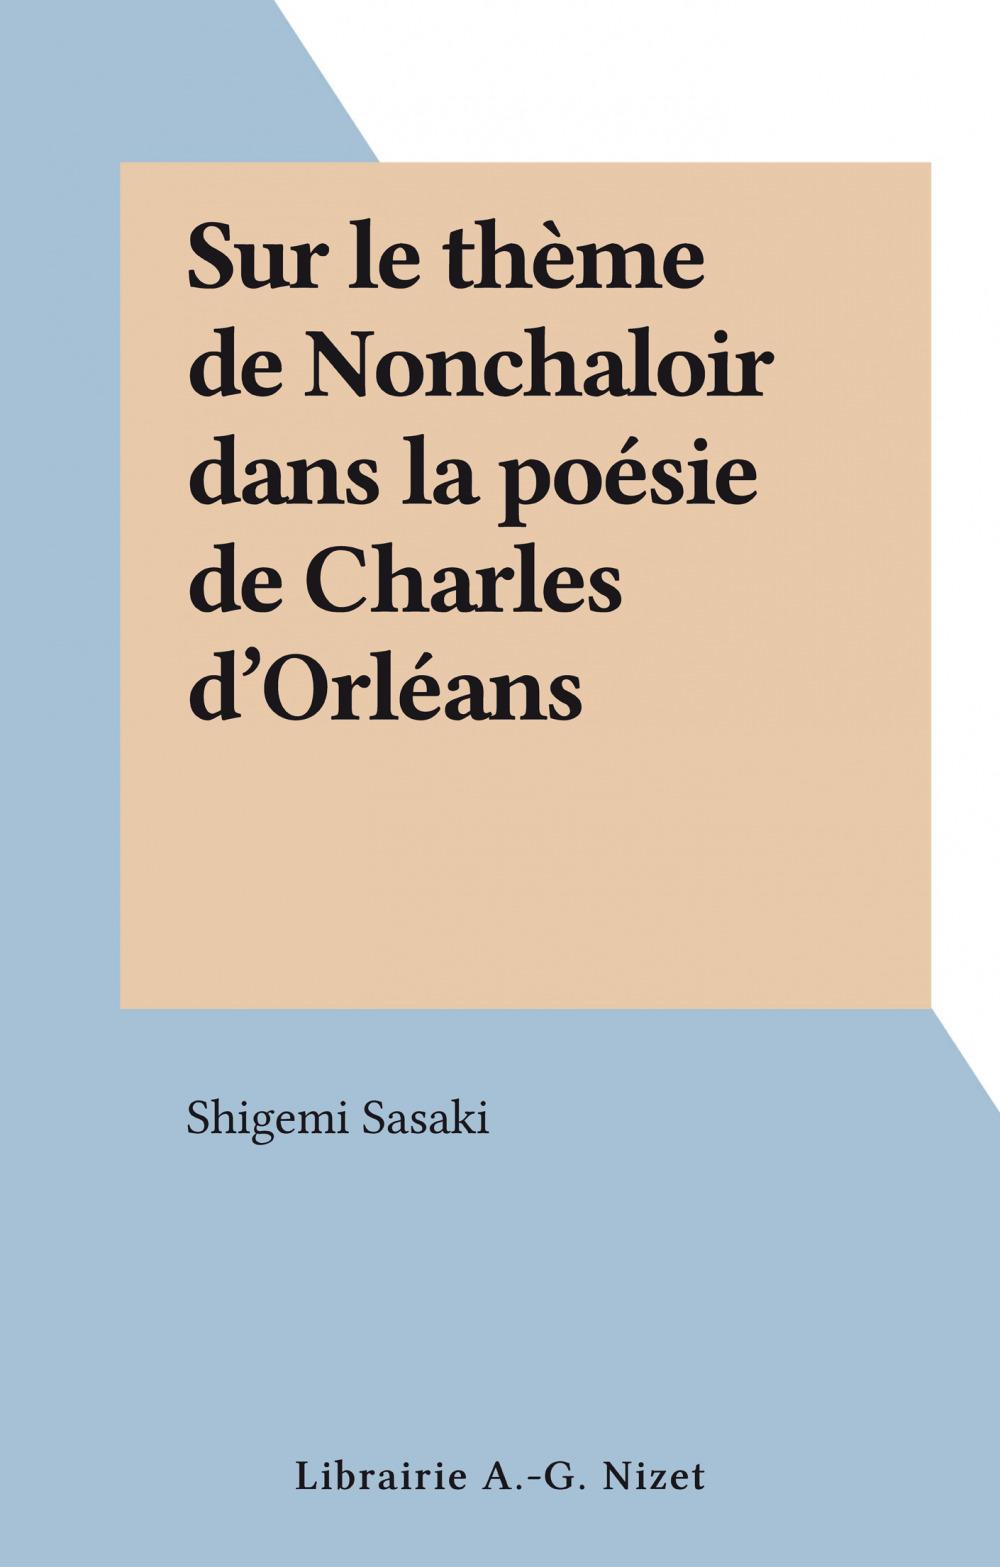 Sur le thème de Nonchaloir dans la poésie de Charles d'Orléans